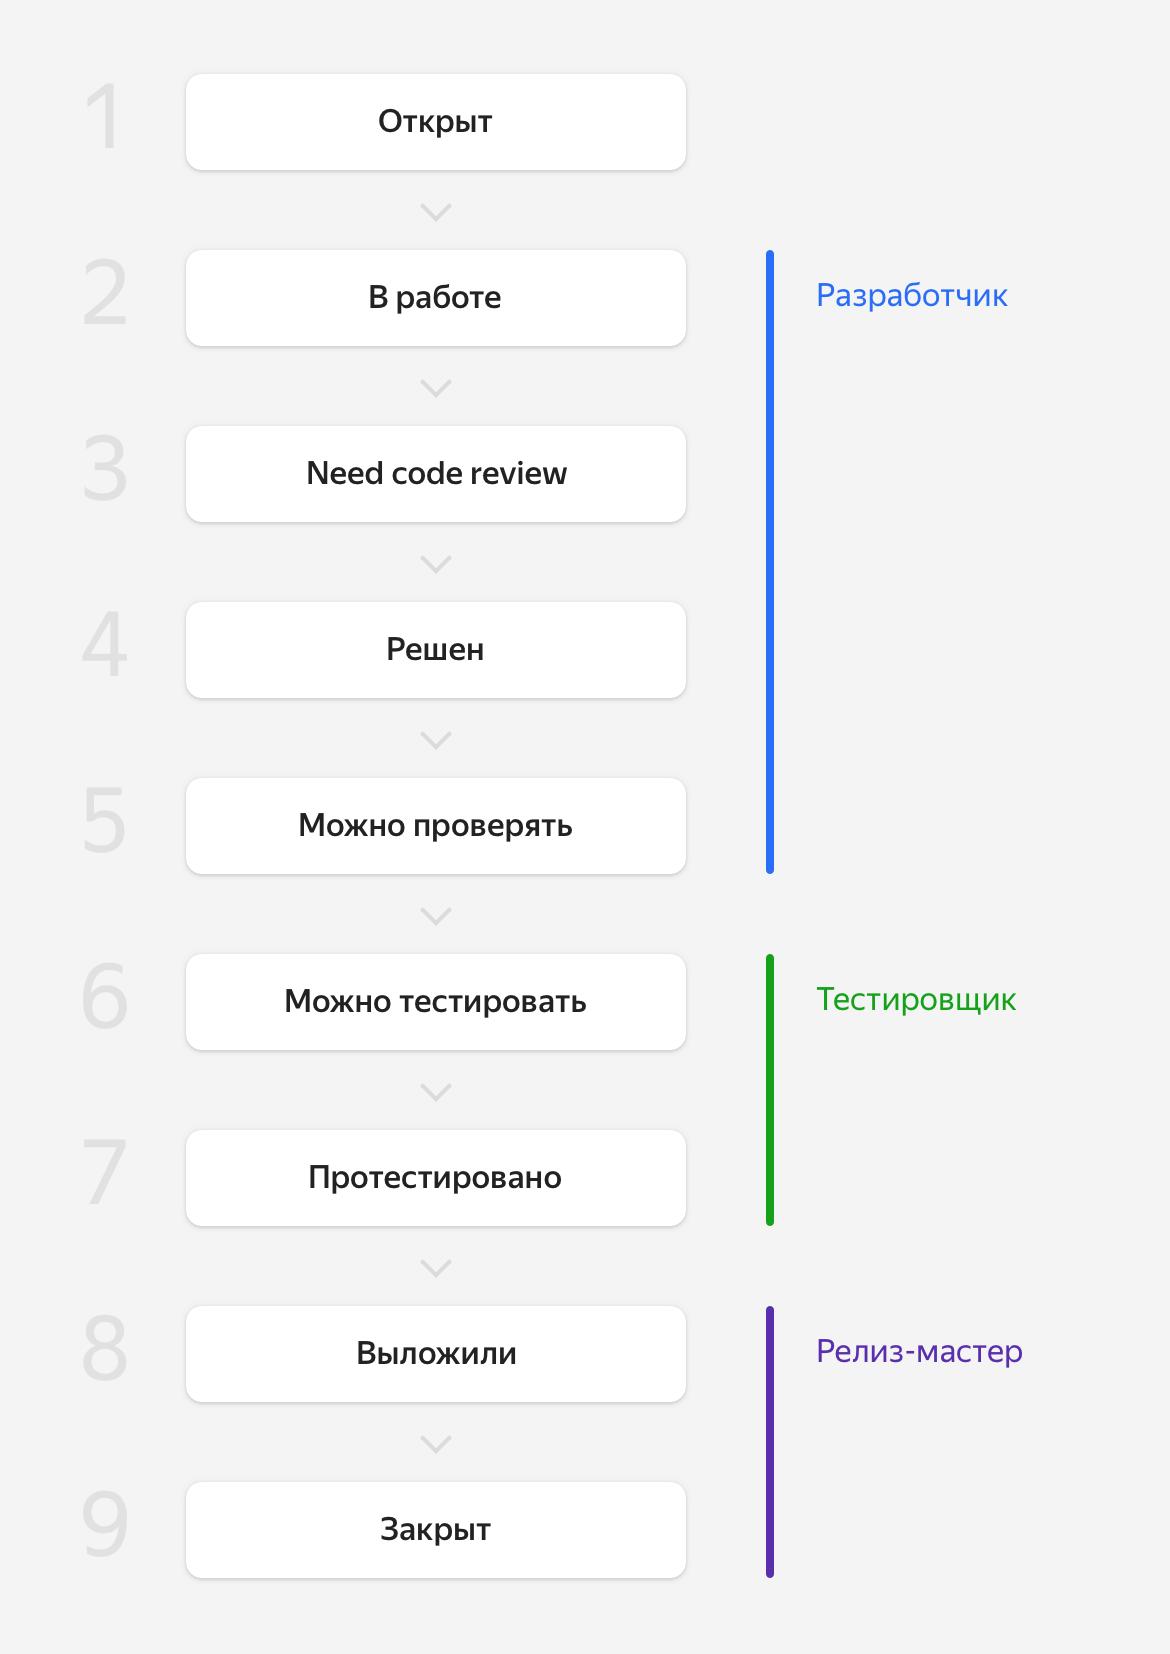 Как сократить код-ревью с двух недель до нескольких часов. Опыт команды Яндекс.Маркета - 1